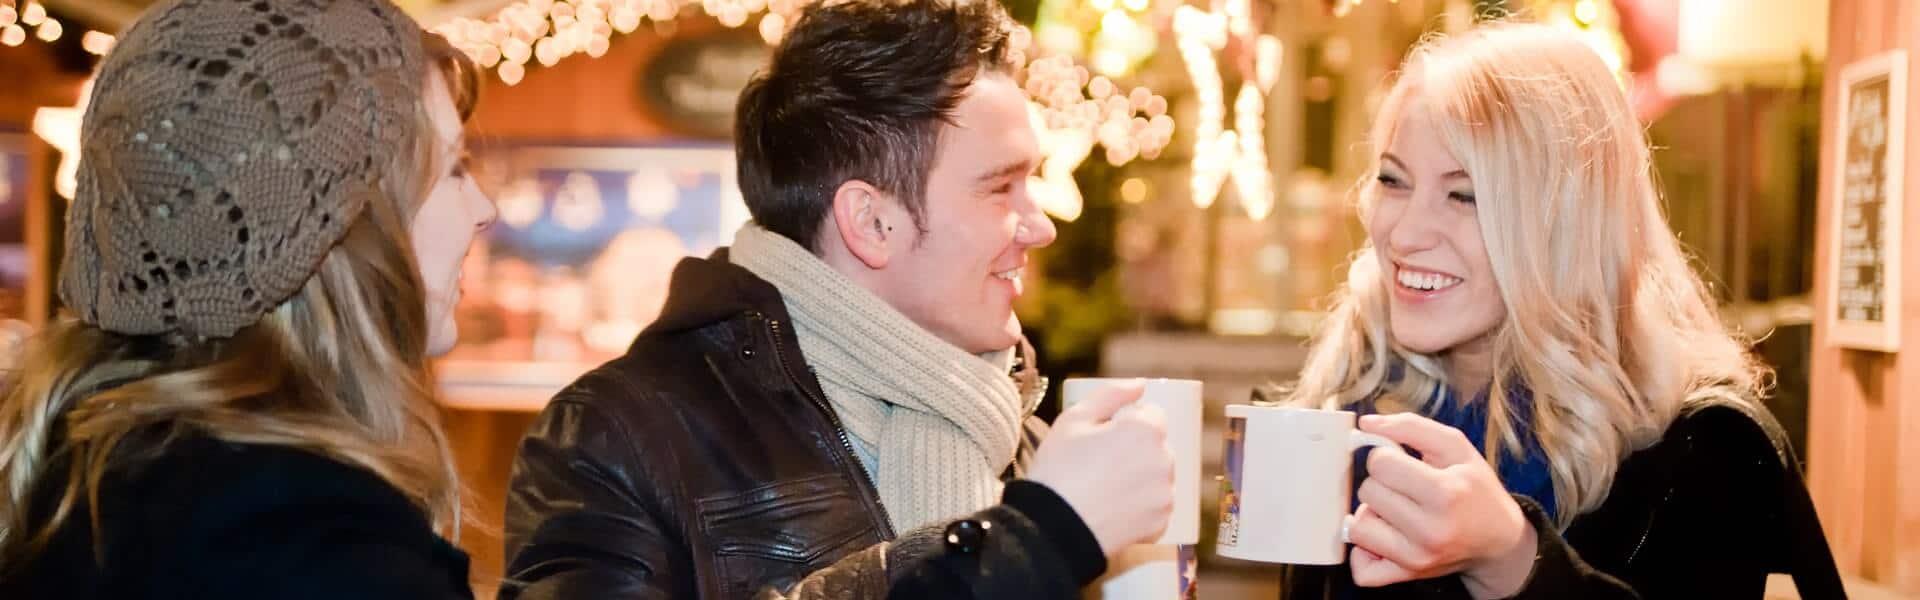 Weihnachtsmarkt Tour XXL als outdoor Weihnachtsfeier